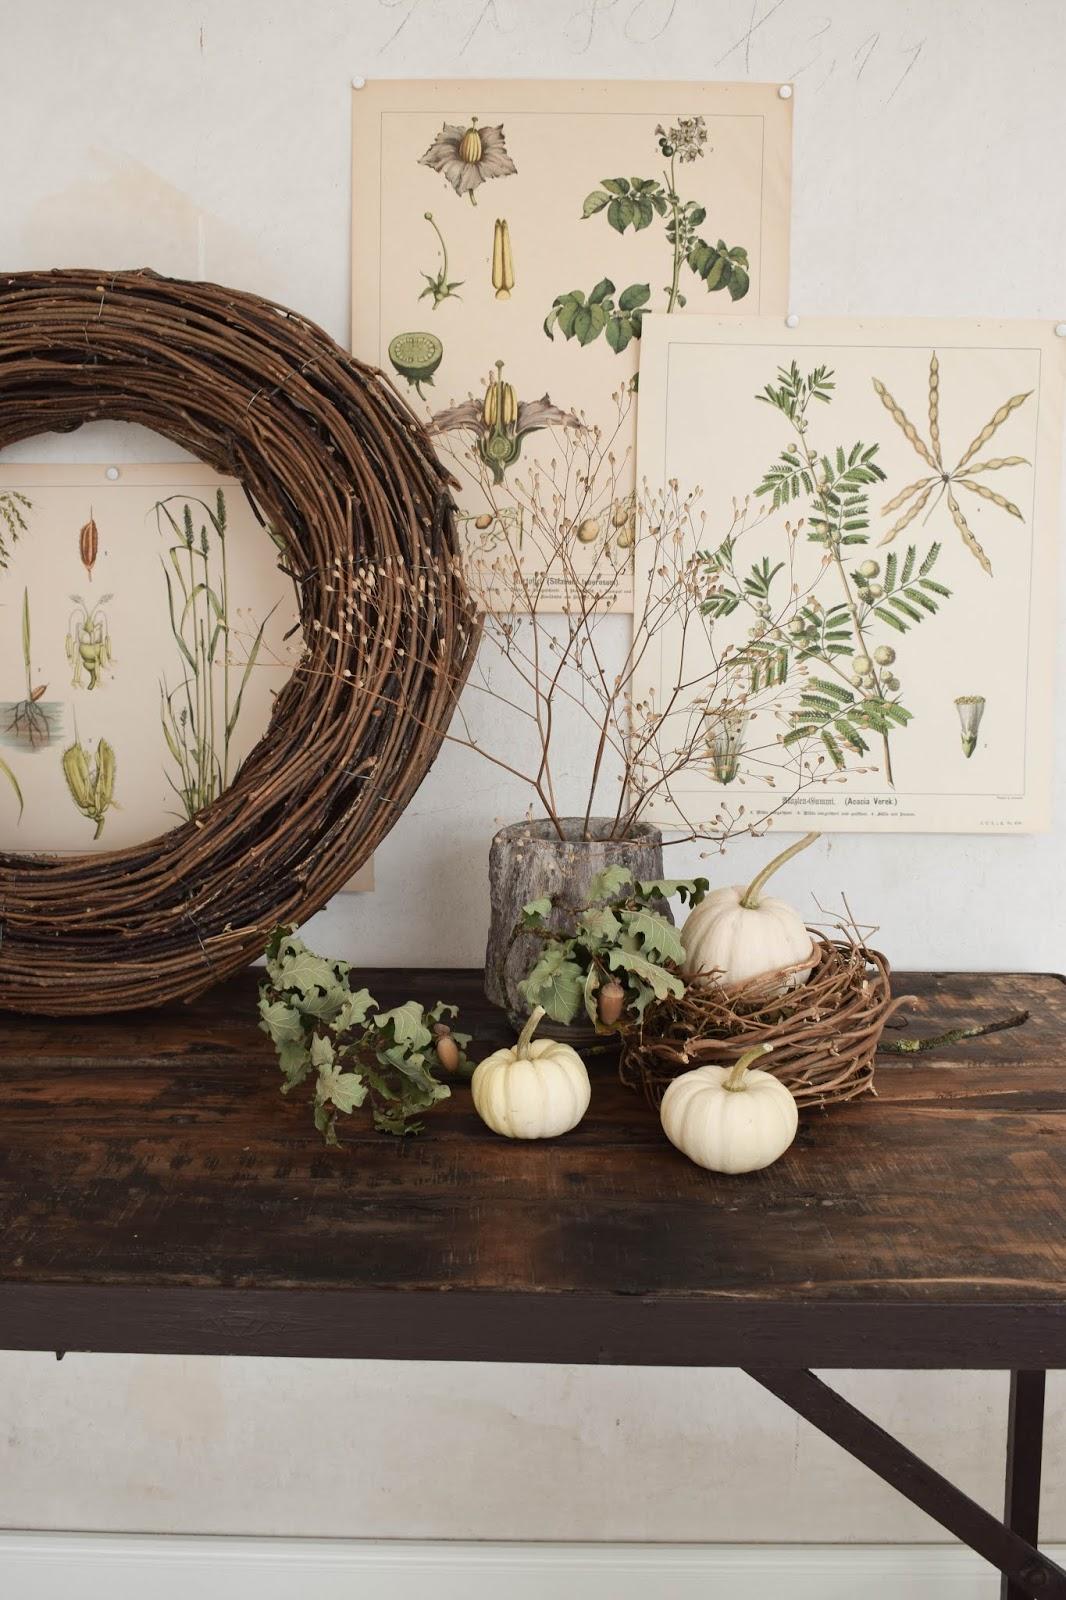 Herbstdeko für Konsole. Deko für den Herbst mit Kübrissen, Kränzen, Holz und botanischen Drucken. Dekoidee. Herbstlich dekorieren Wohnidee Sideboard Kürbis 7 Deko